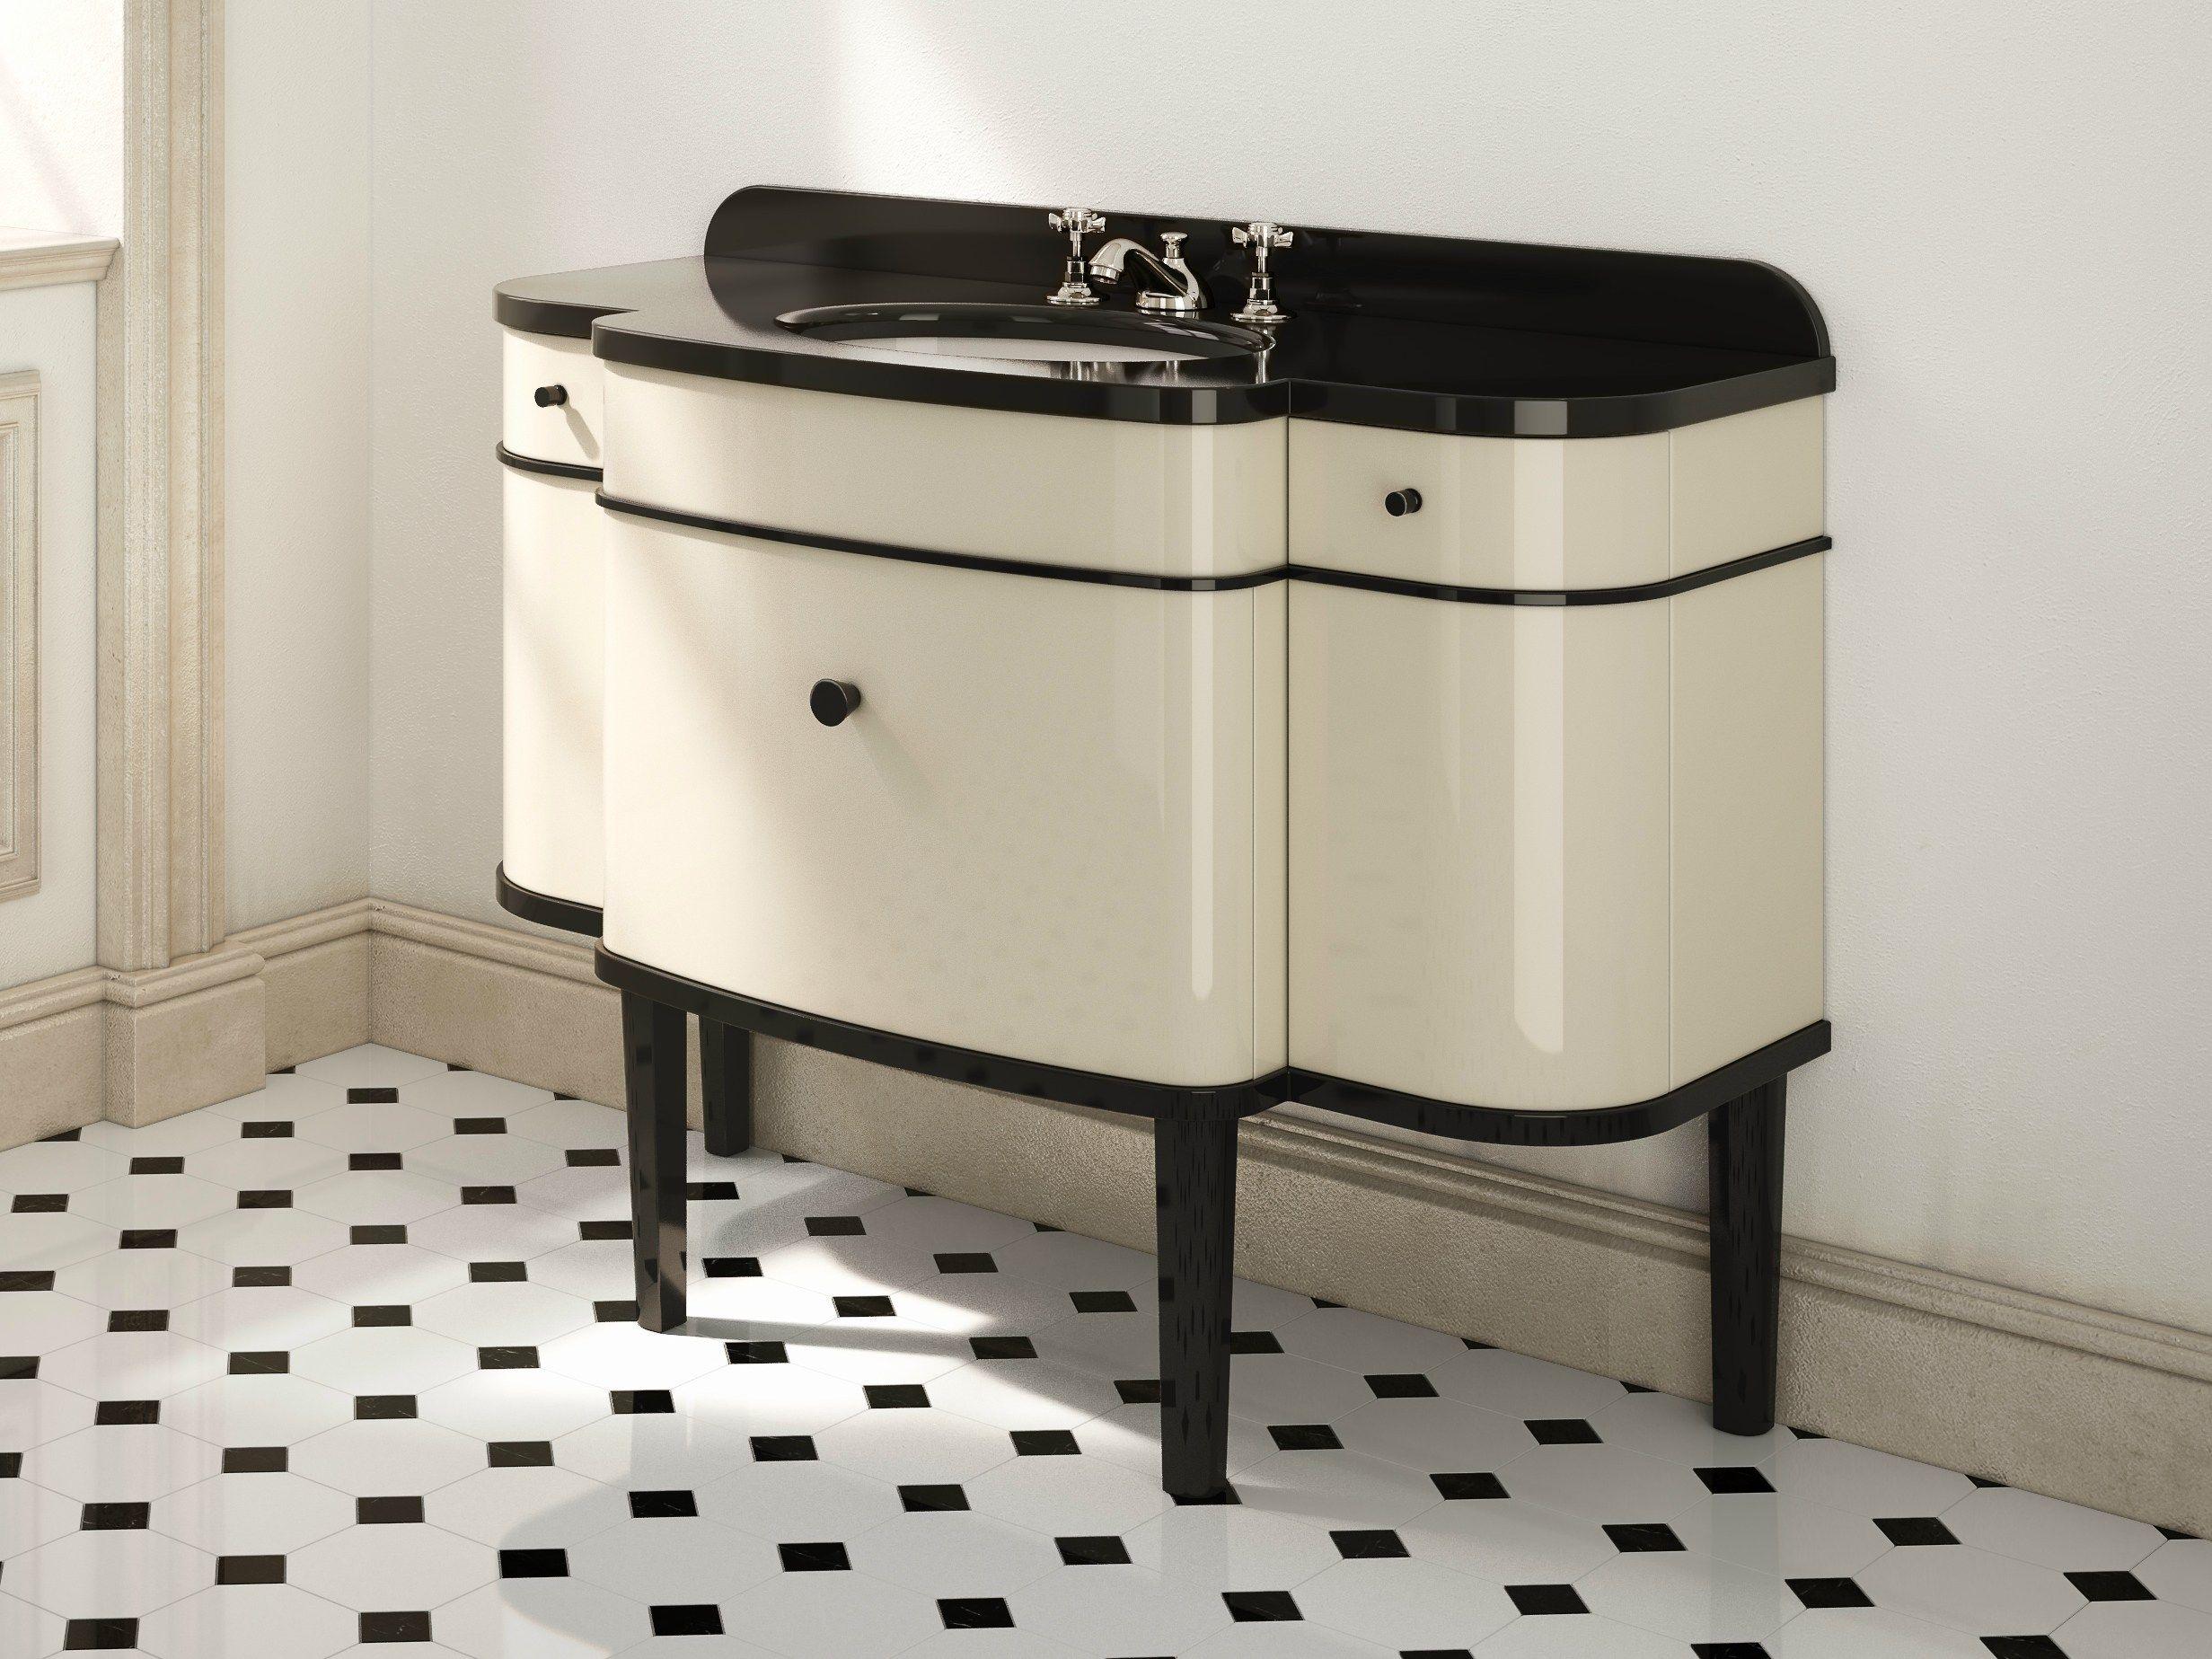 Lavabo Art Deco | Muebles | Pinterest | Lavabo, Art déco et Sdb